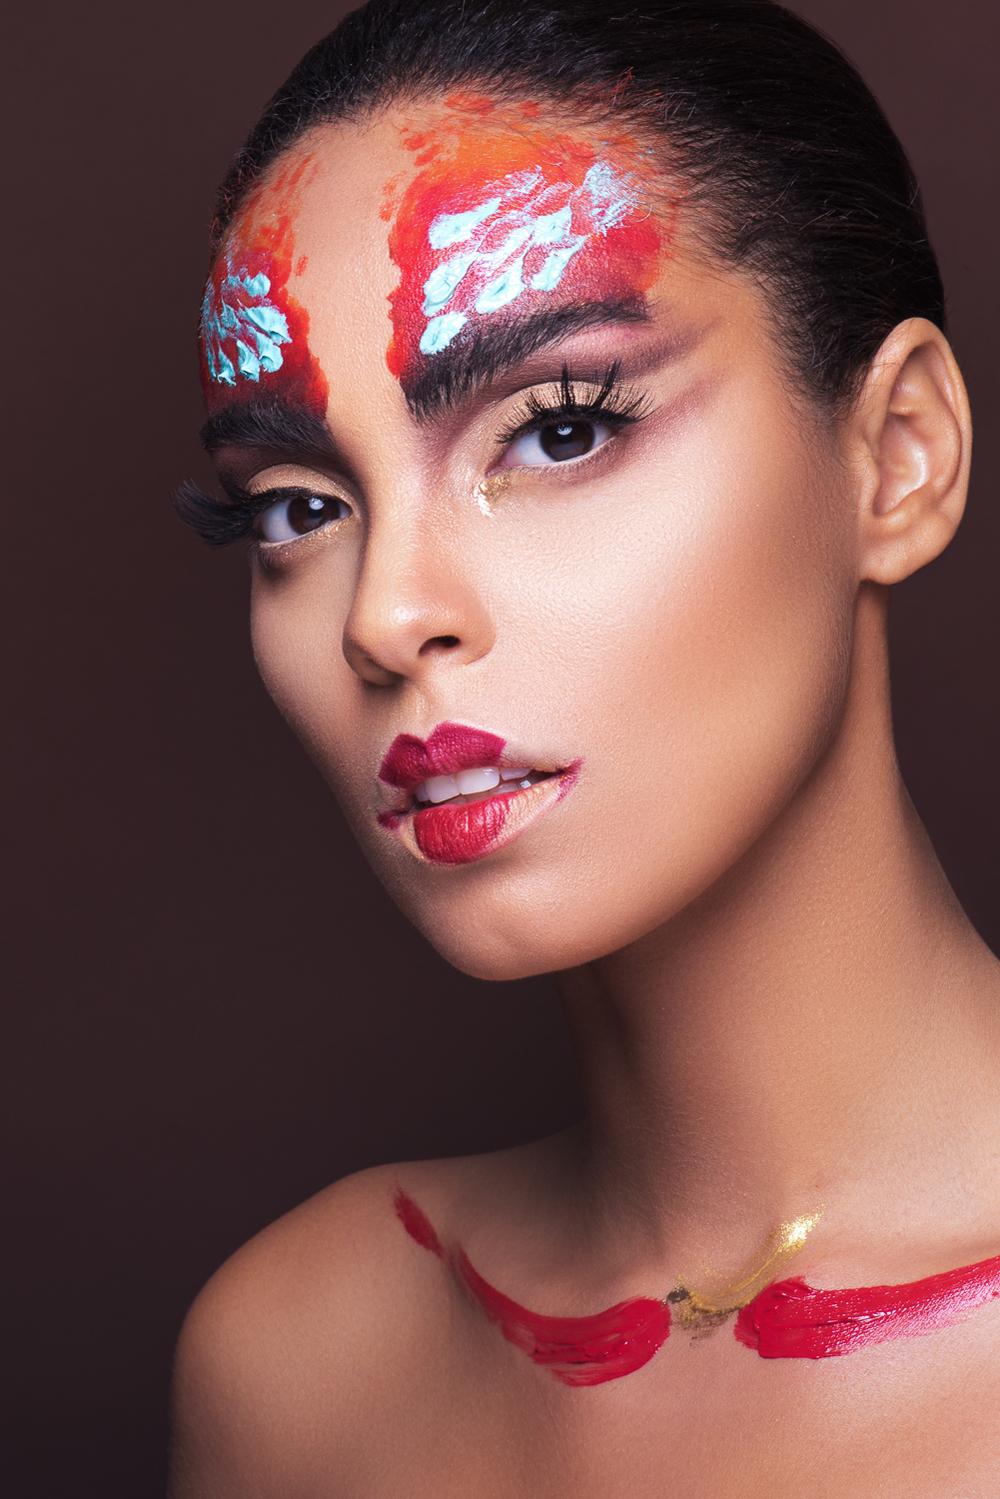 Los Angeles Beauty photographer - Beatriz fashion beauty 01.jpg